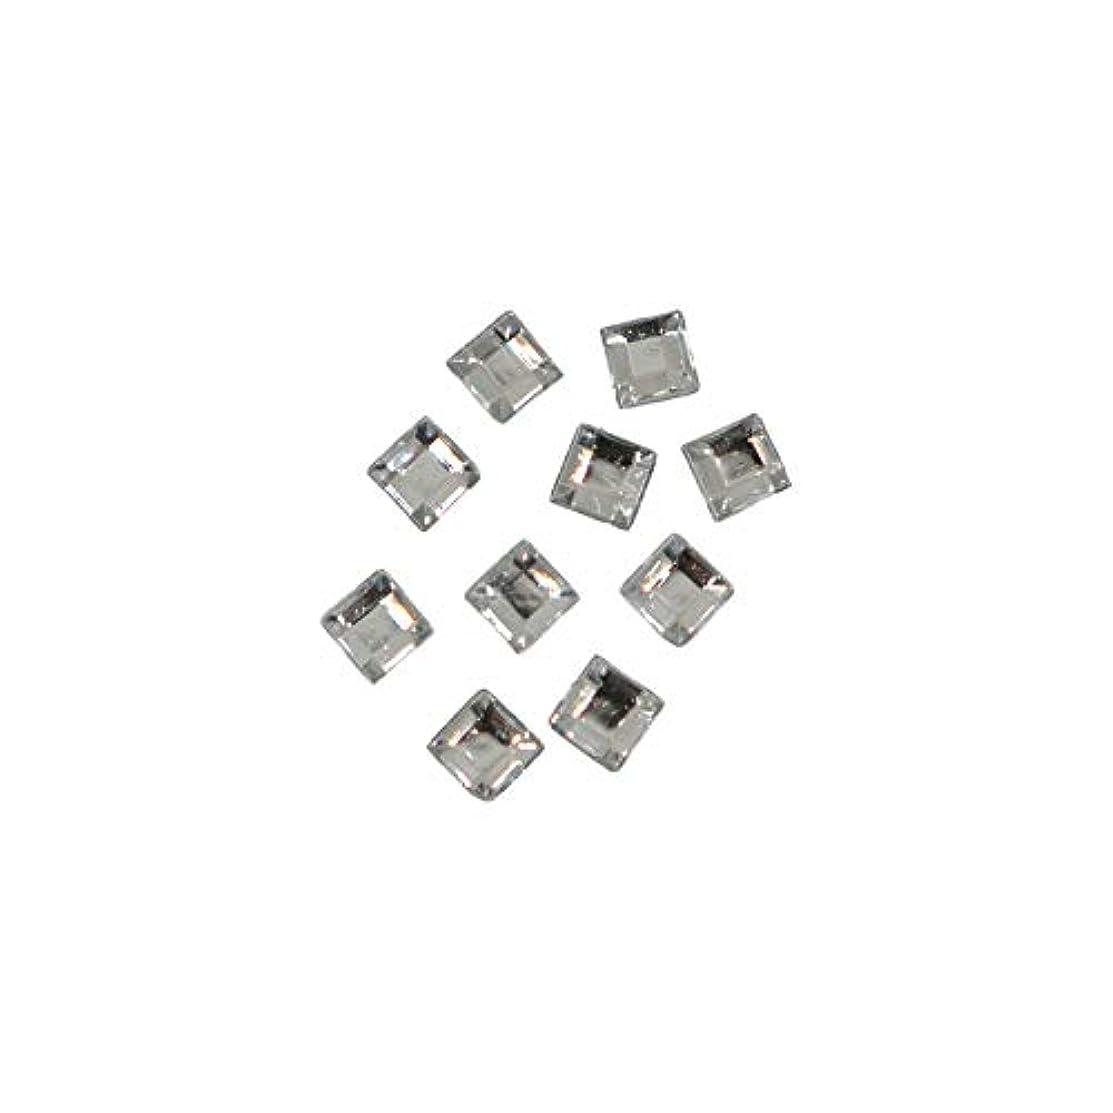 アスリートシャープ小間スクエアストーン 30粒 / 色々使える四角いアクリルストーン (クリスタル2.5mm)